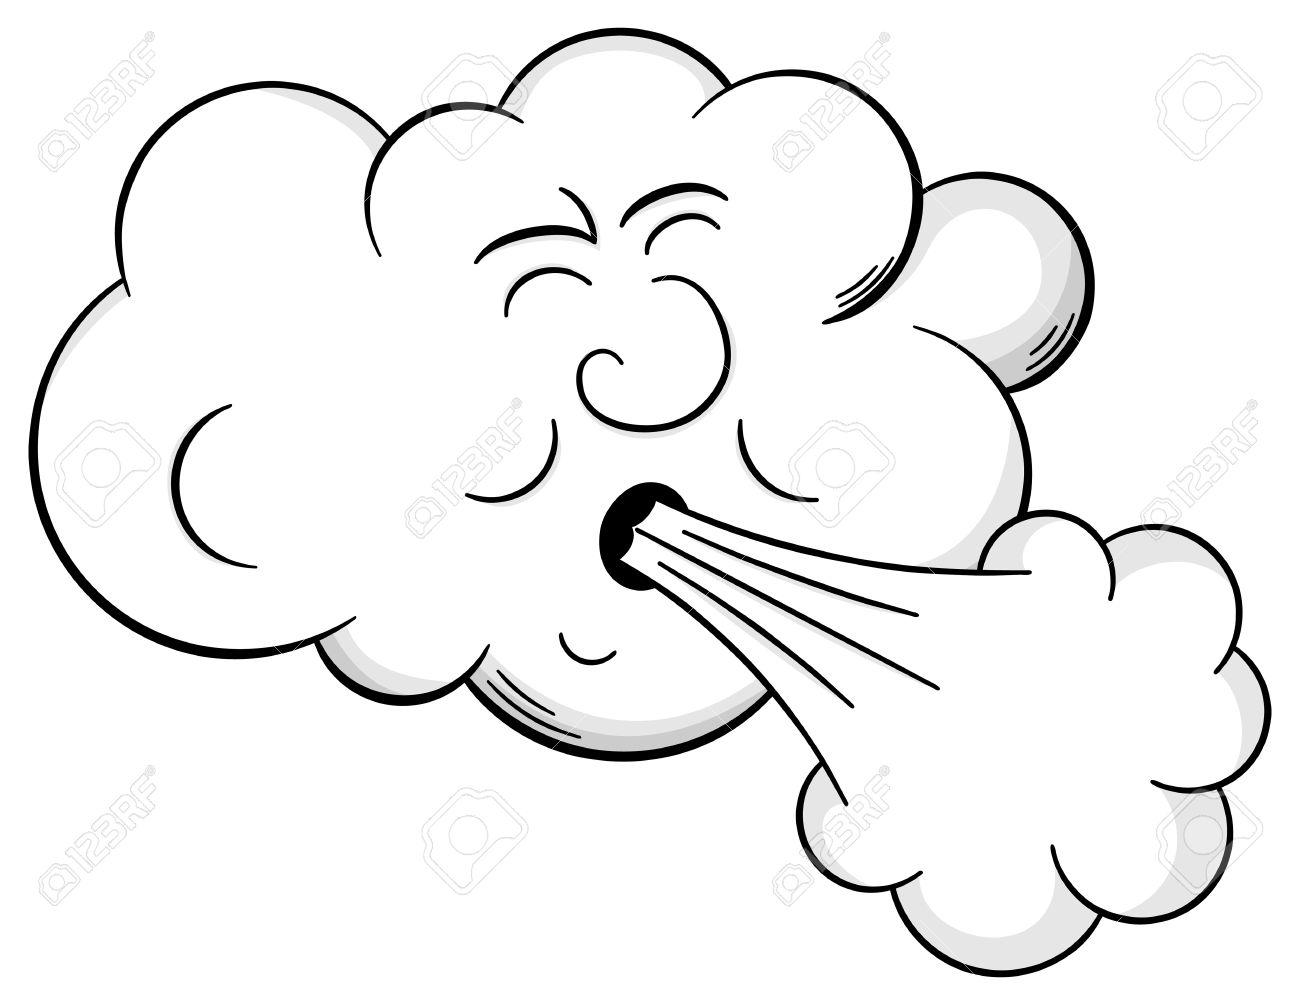 Qu es el viento busqueda global - Dessiner le vent ...